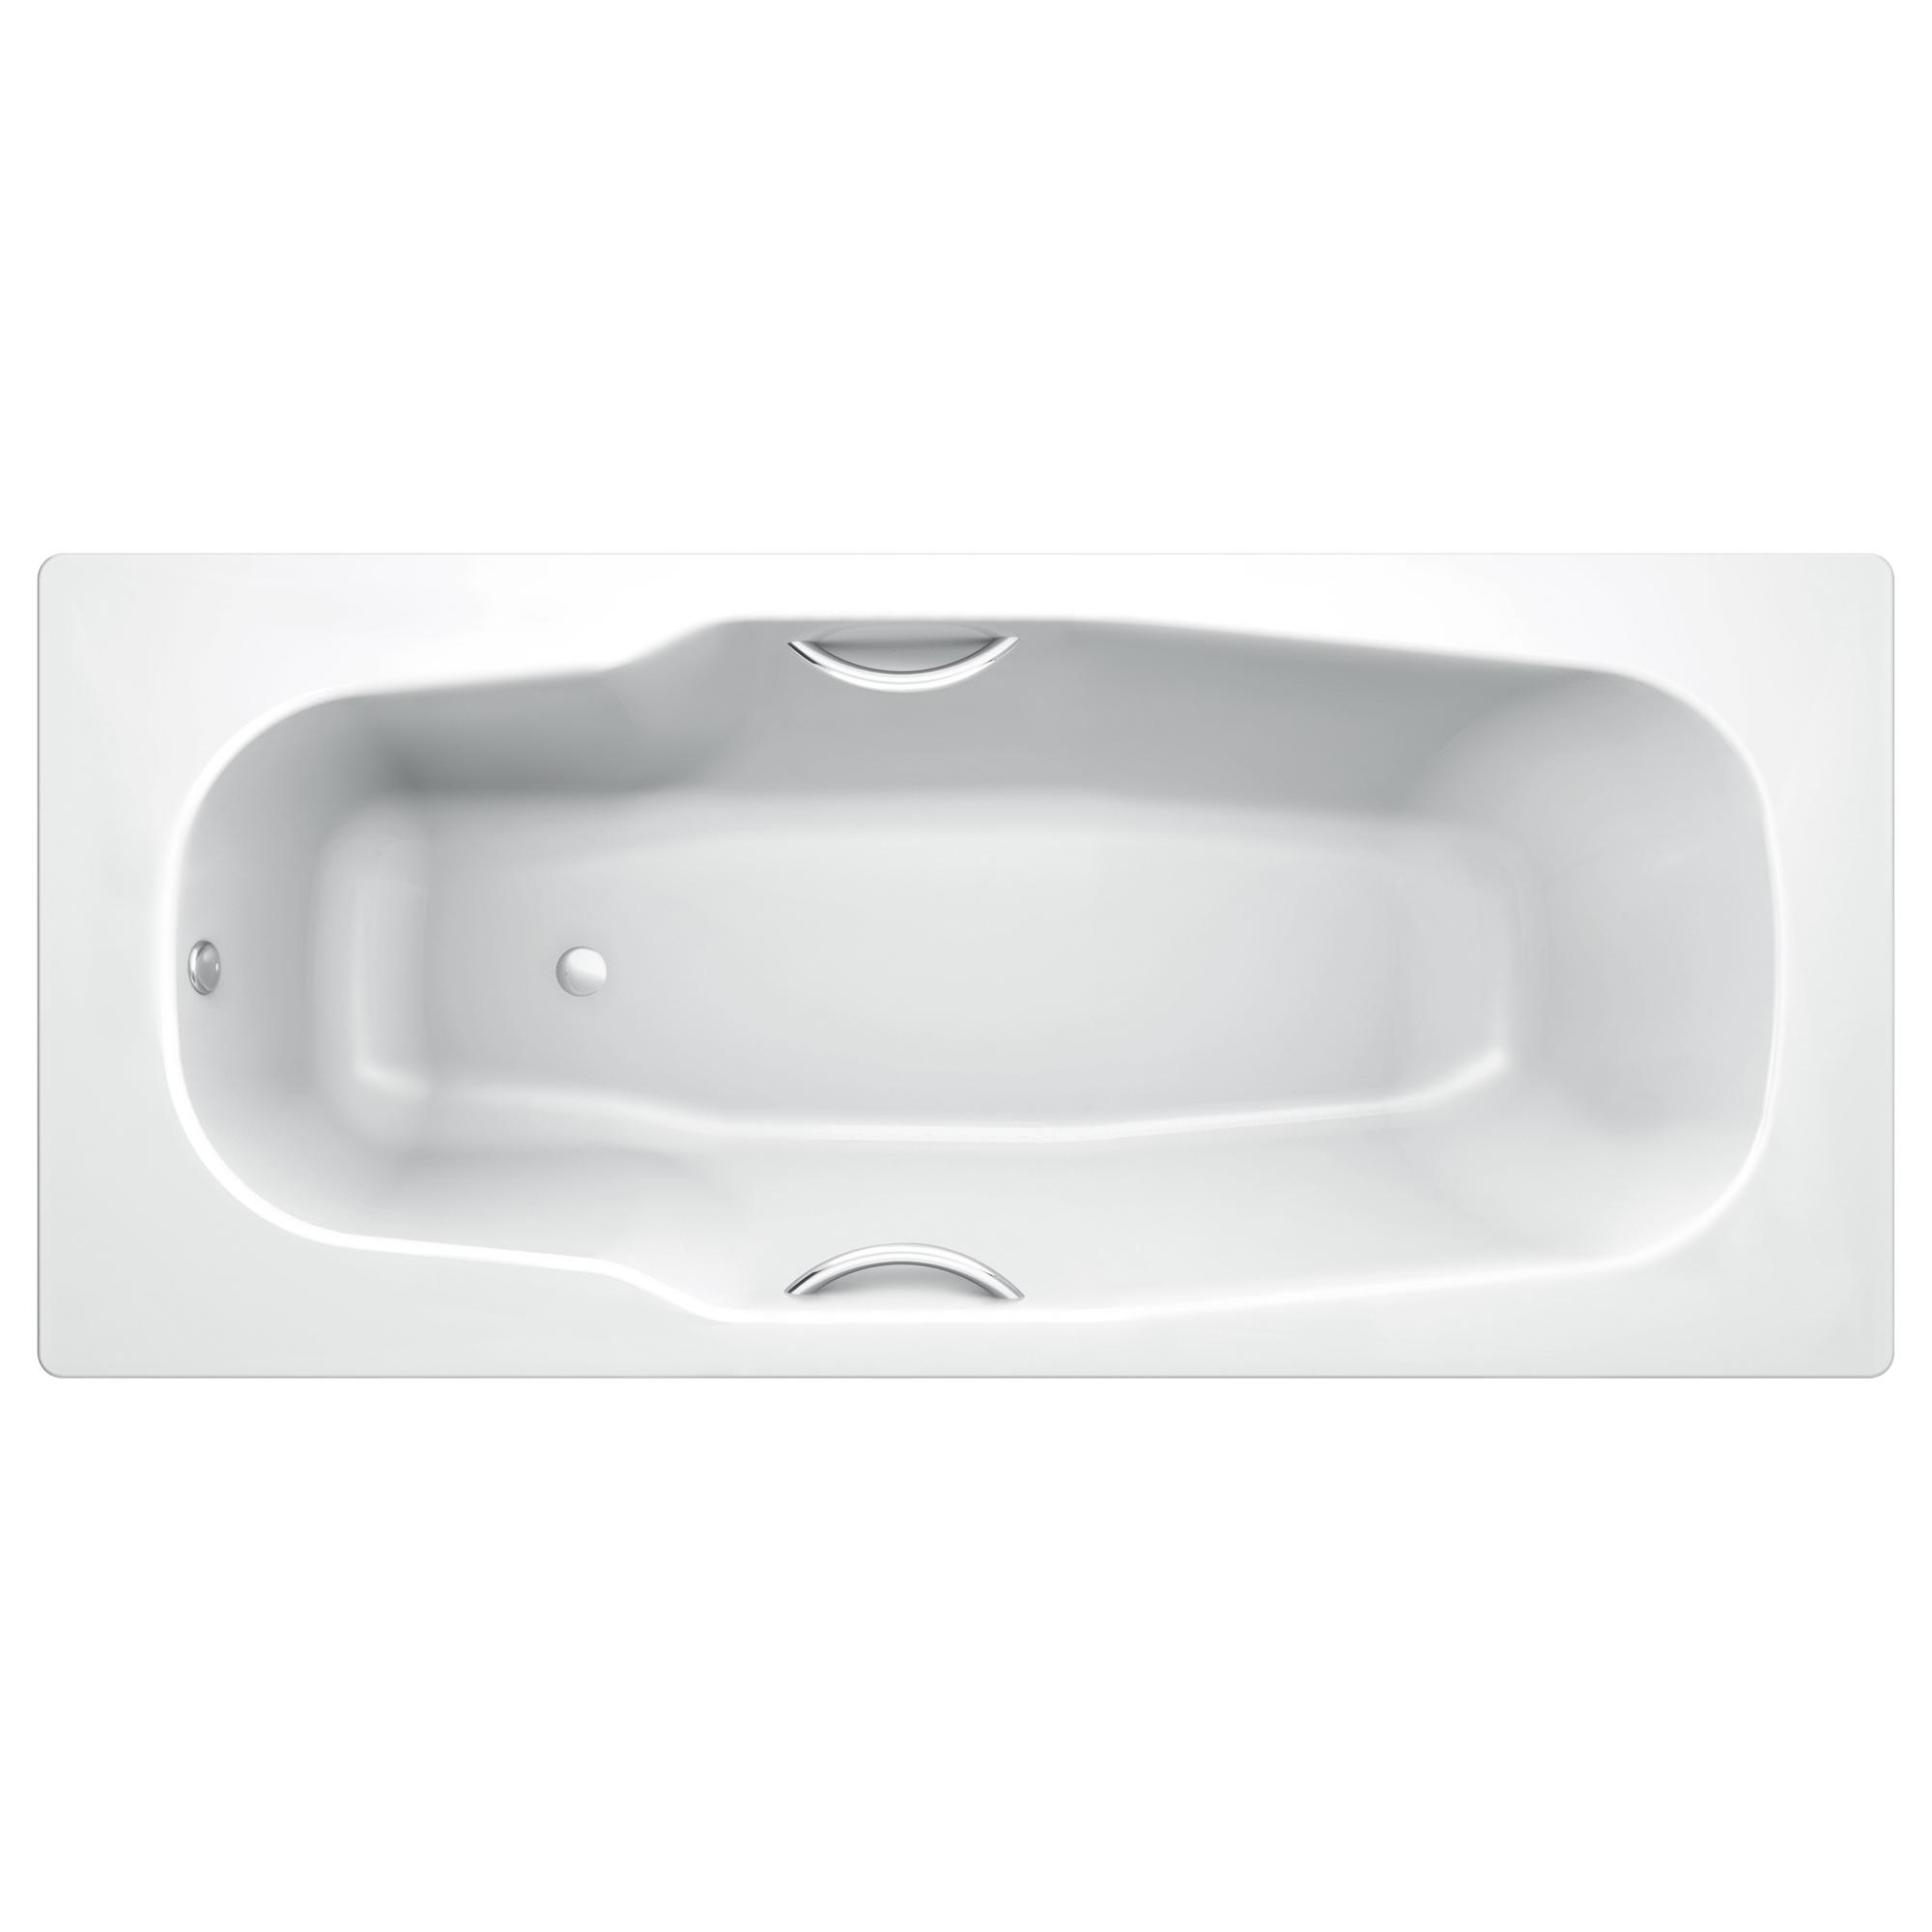 Стальная ванна Koller Pool Atlantica 180x80 с anti-slip с отв. под ручки ванна стальная виз antika 170x70x40 с ножками с рантом a 70001